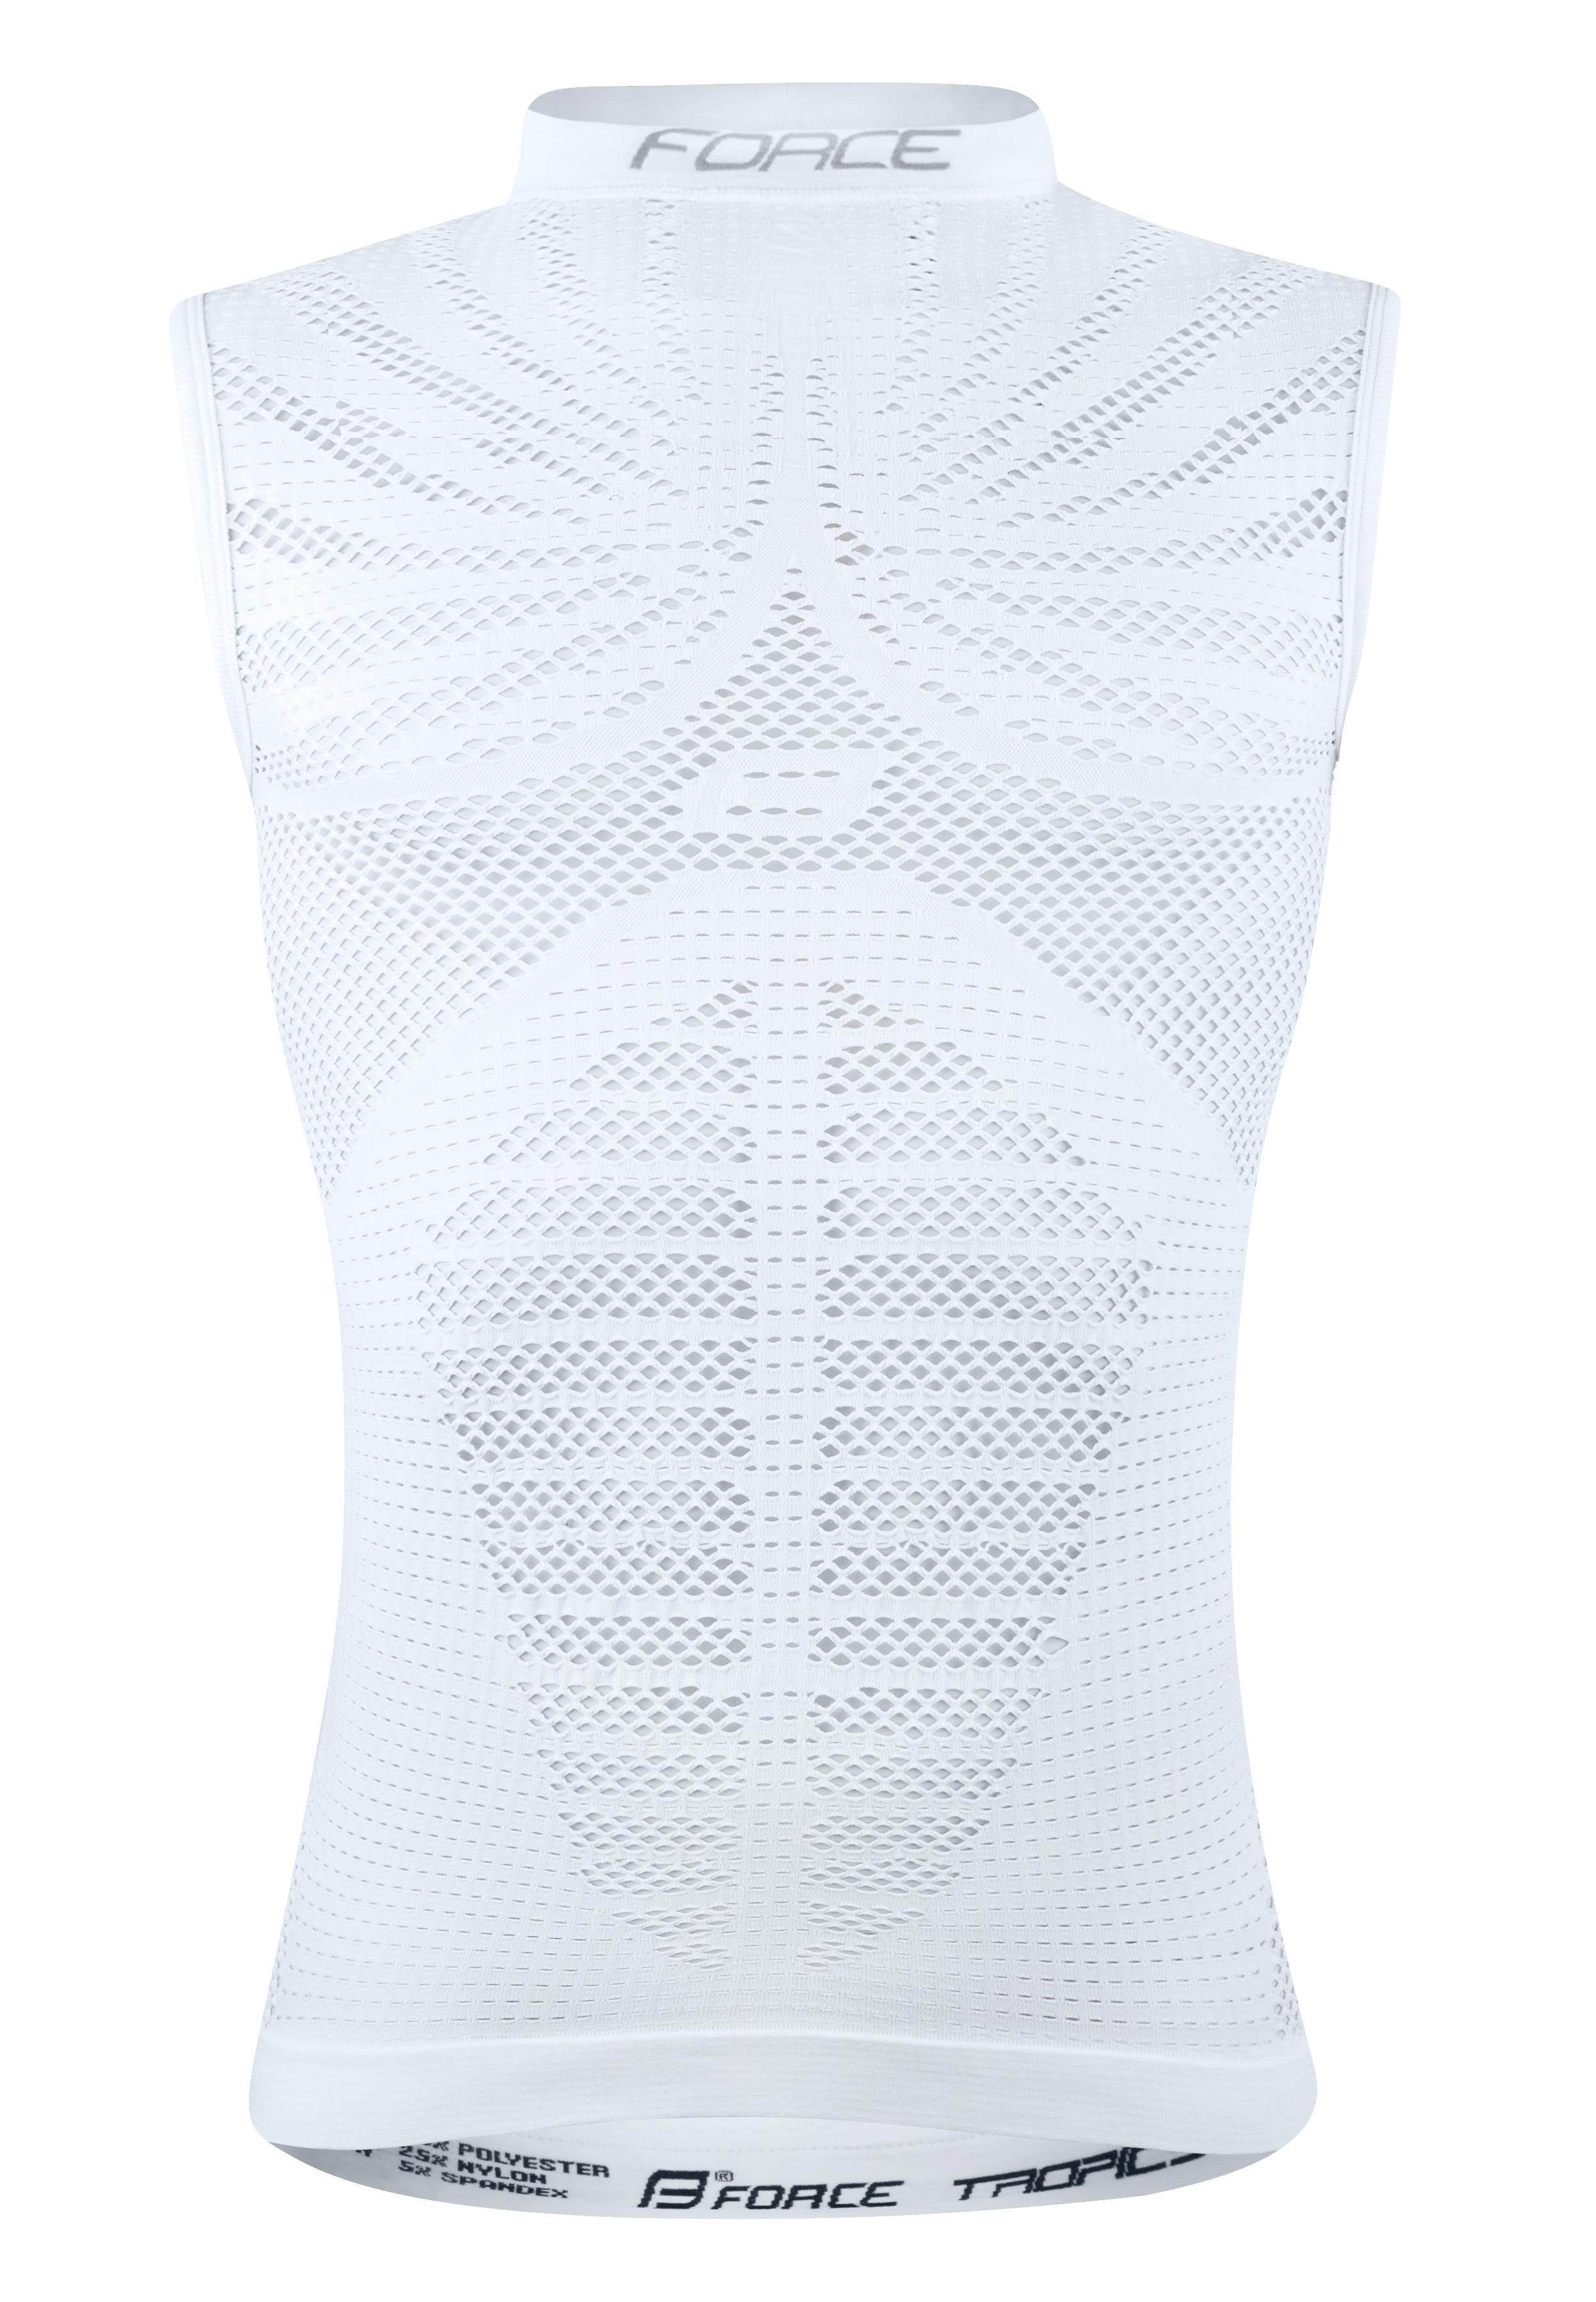 triko funkční FORCE TROPIC bez rukávů,bílé L-XL